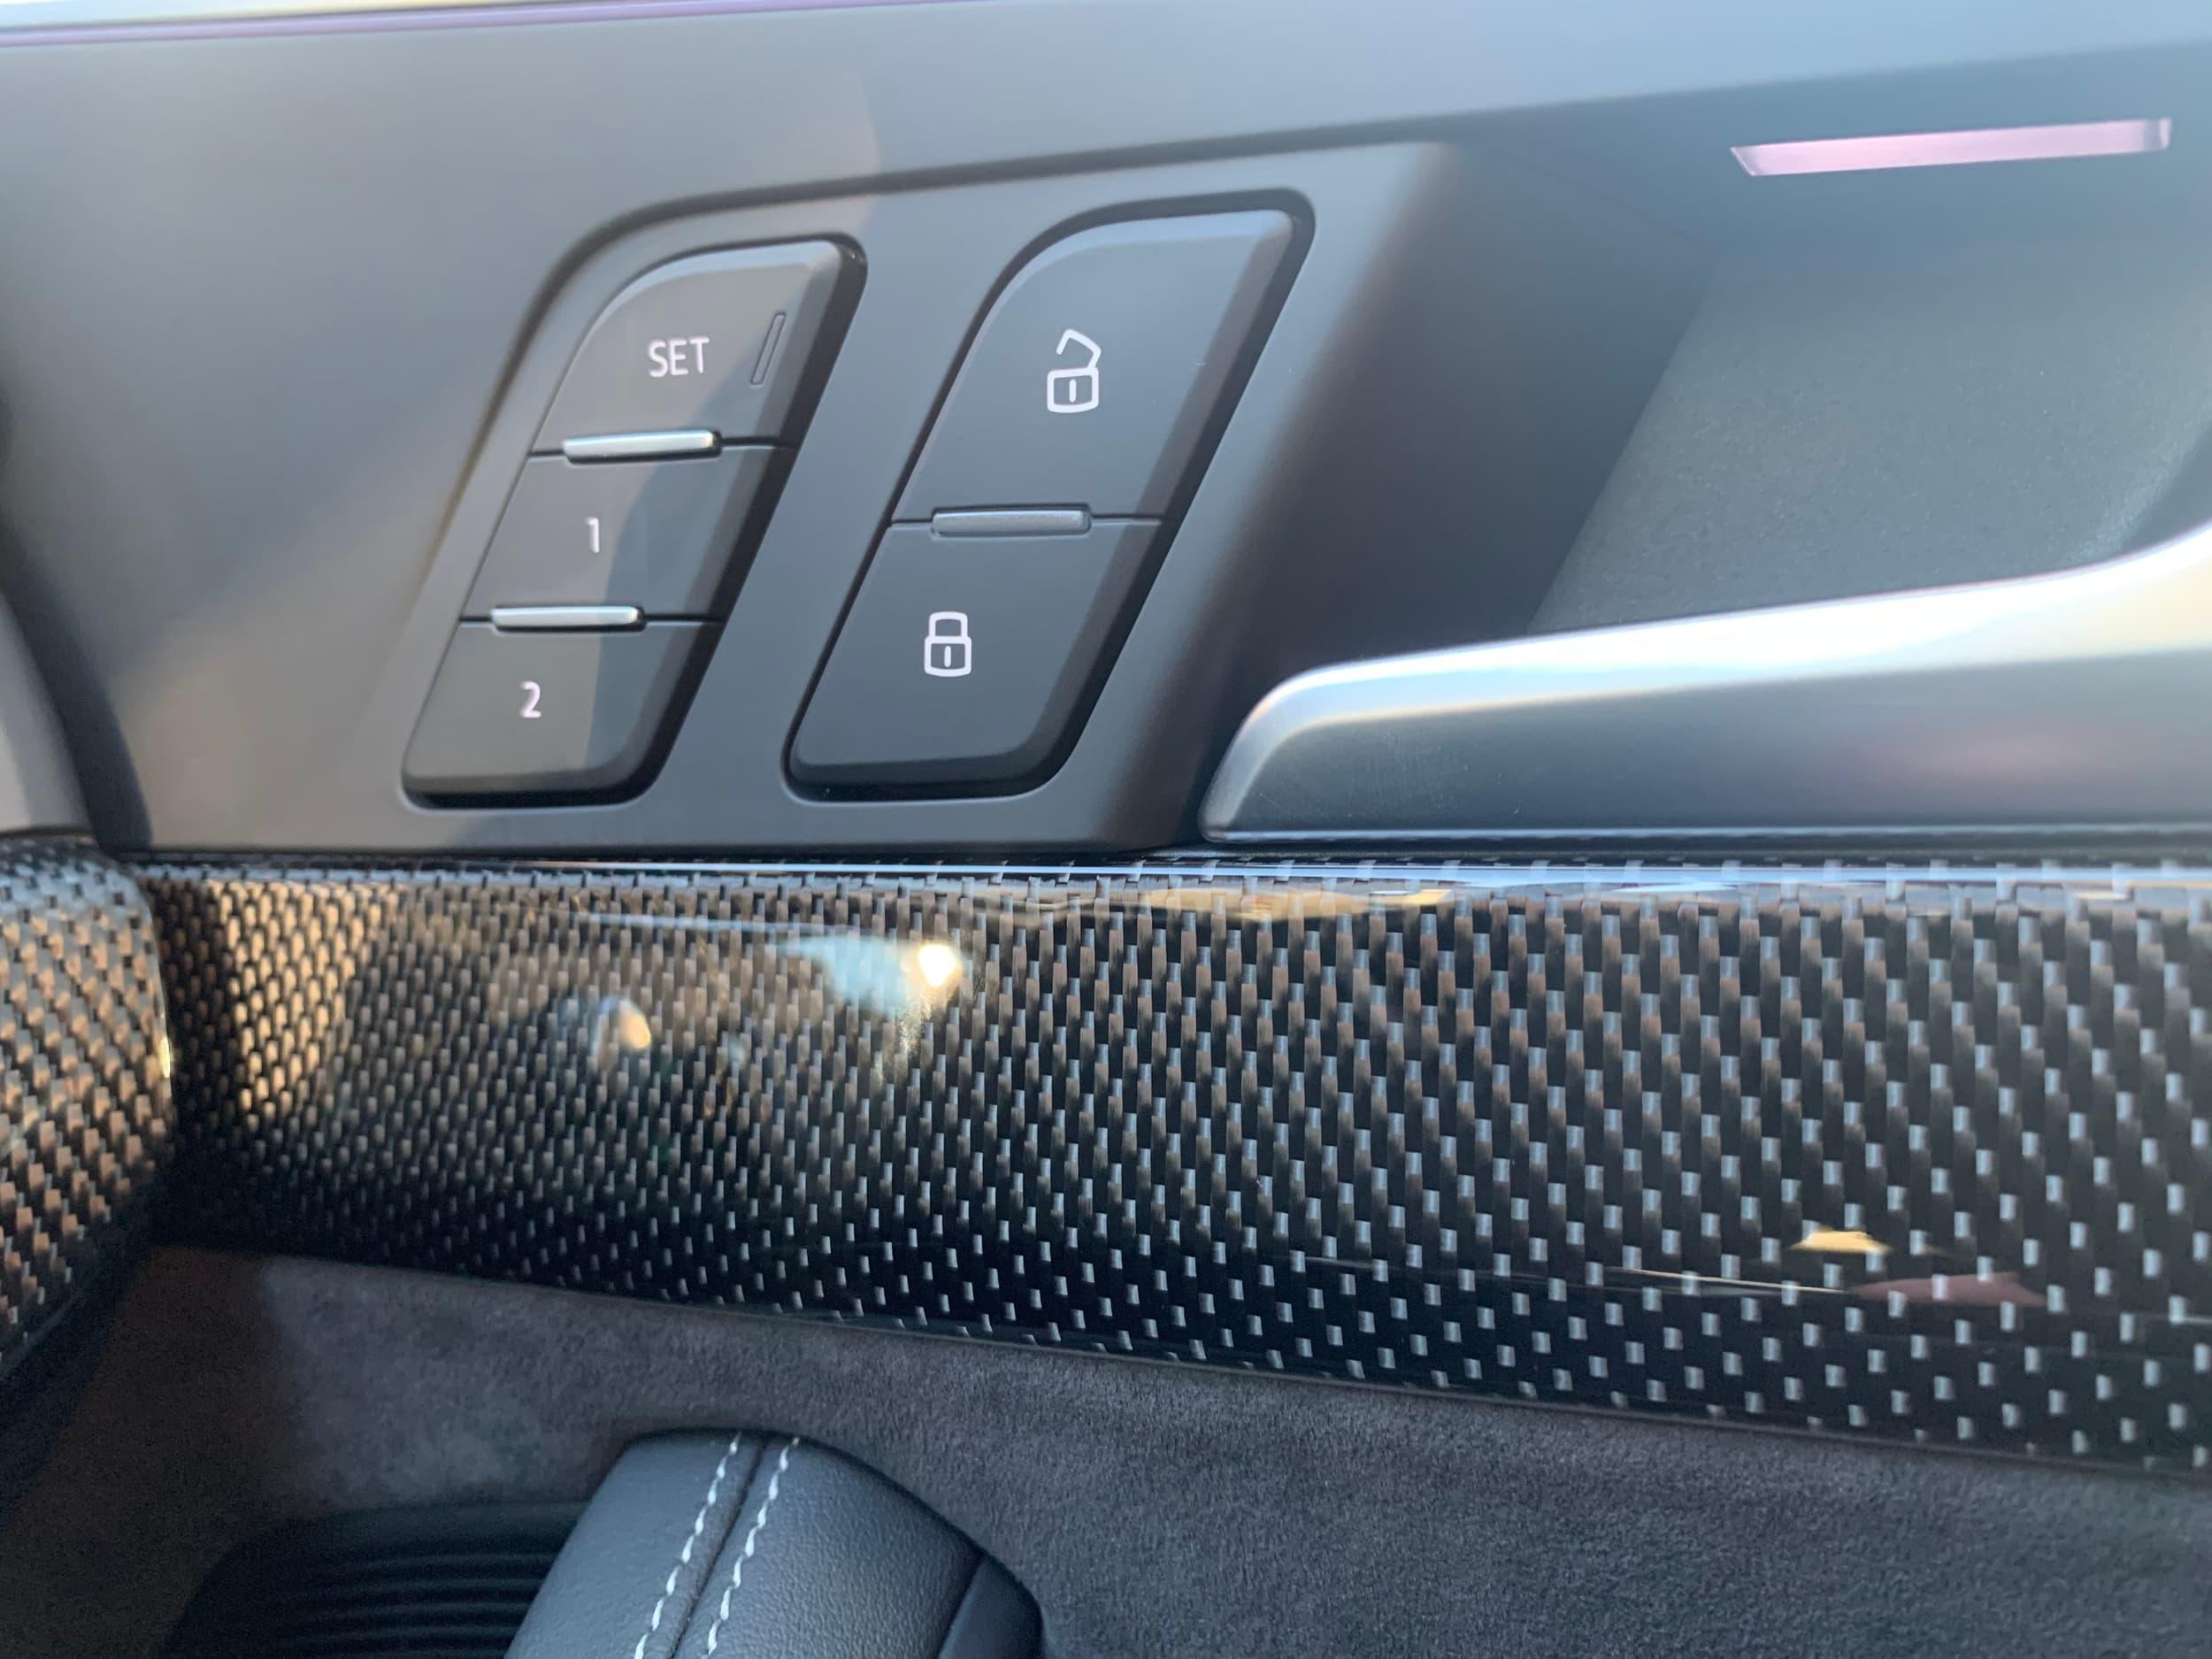 2019 Audi S5 Auto quattro MY19 - image 24